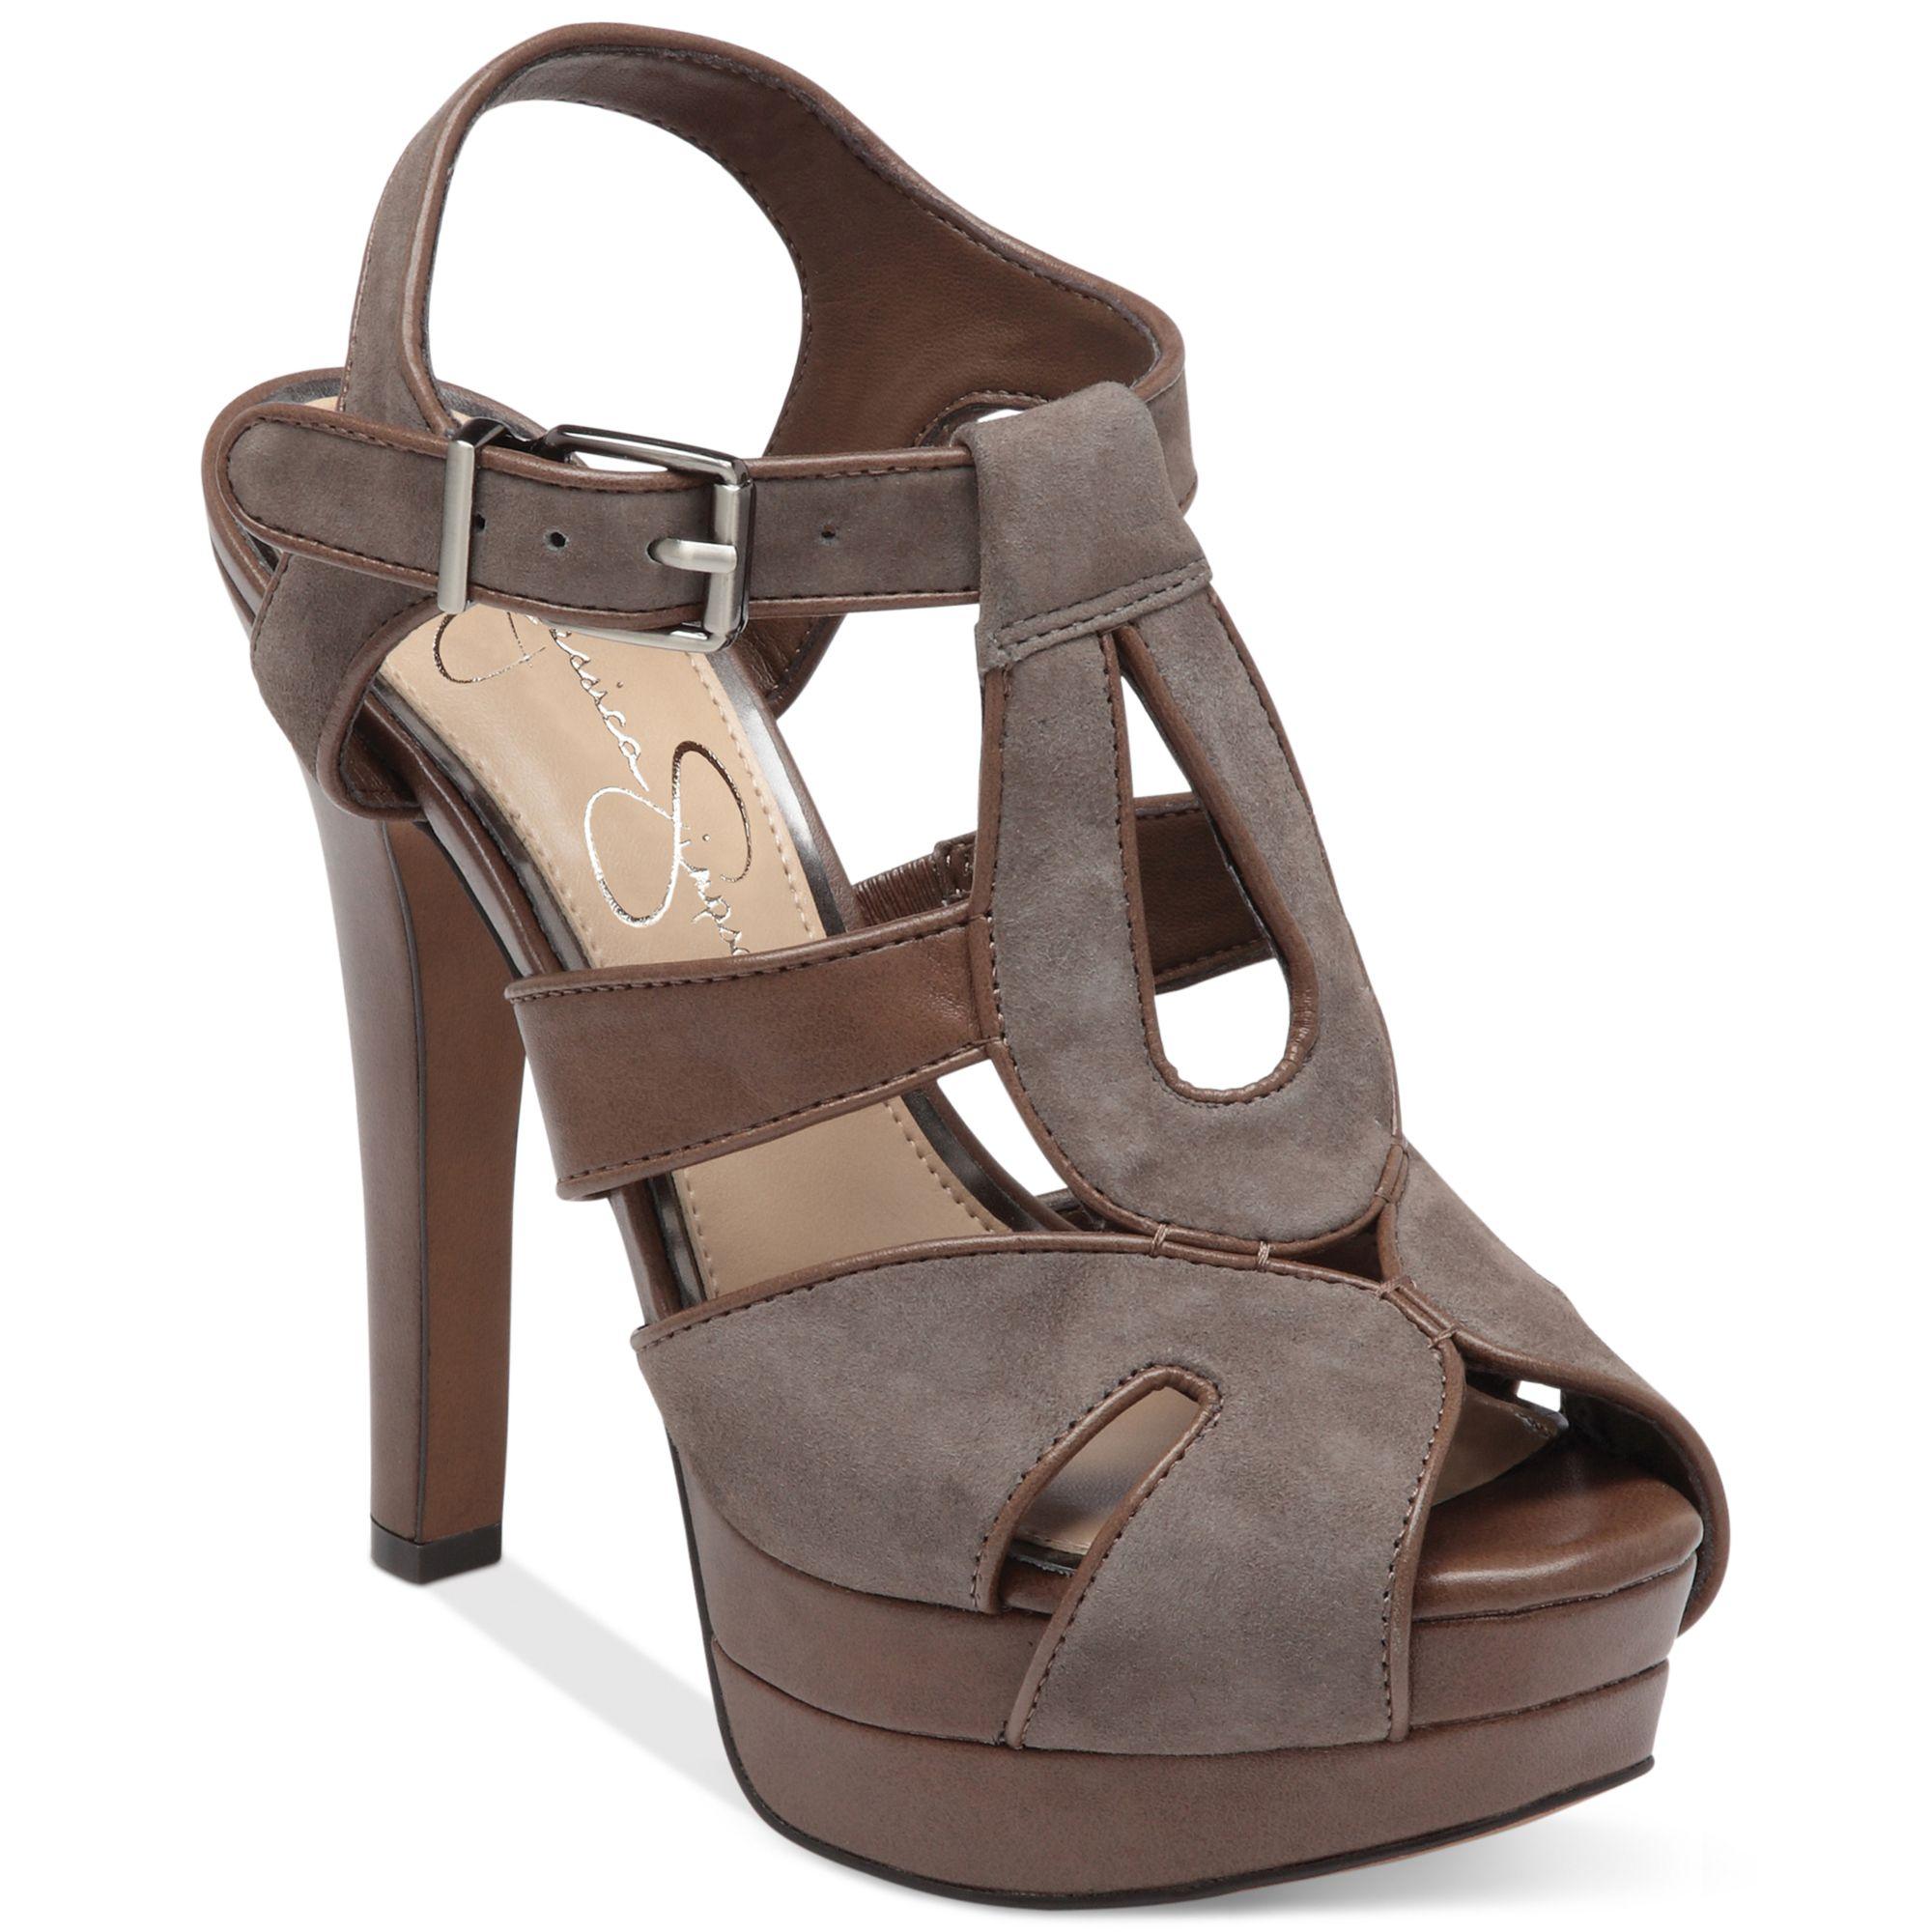 5b7ec1817a2 Lyst - Jessica Simpson Barrett Platform Sandals in Brown